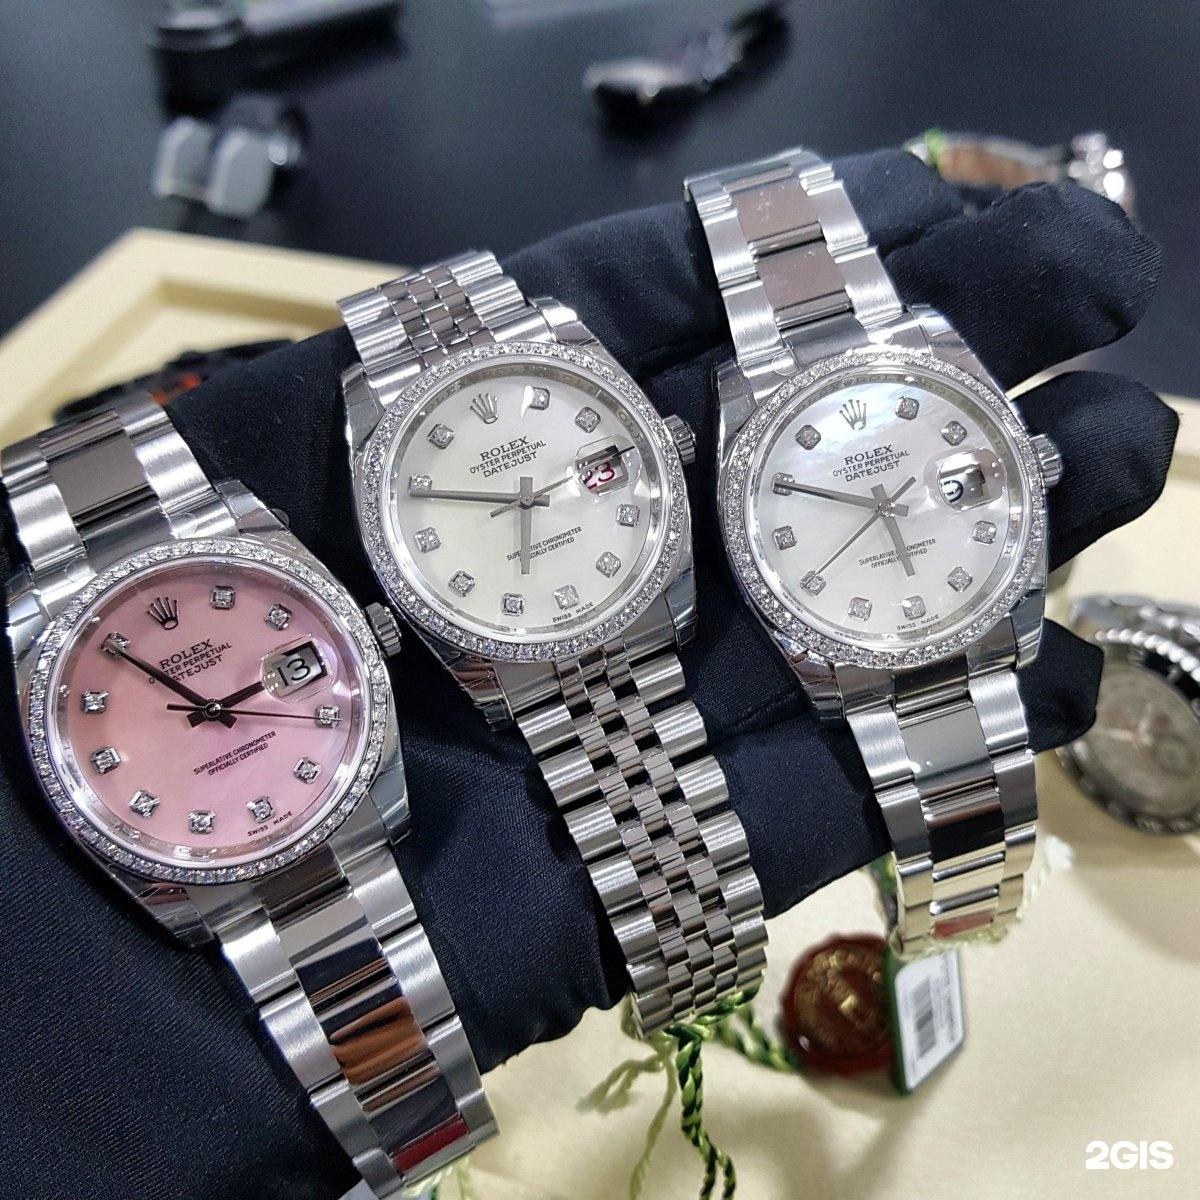 Швейцарских часов м.спортивная ломбард камаз стоимость часа